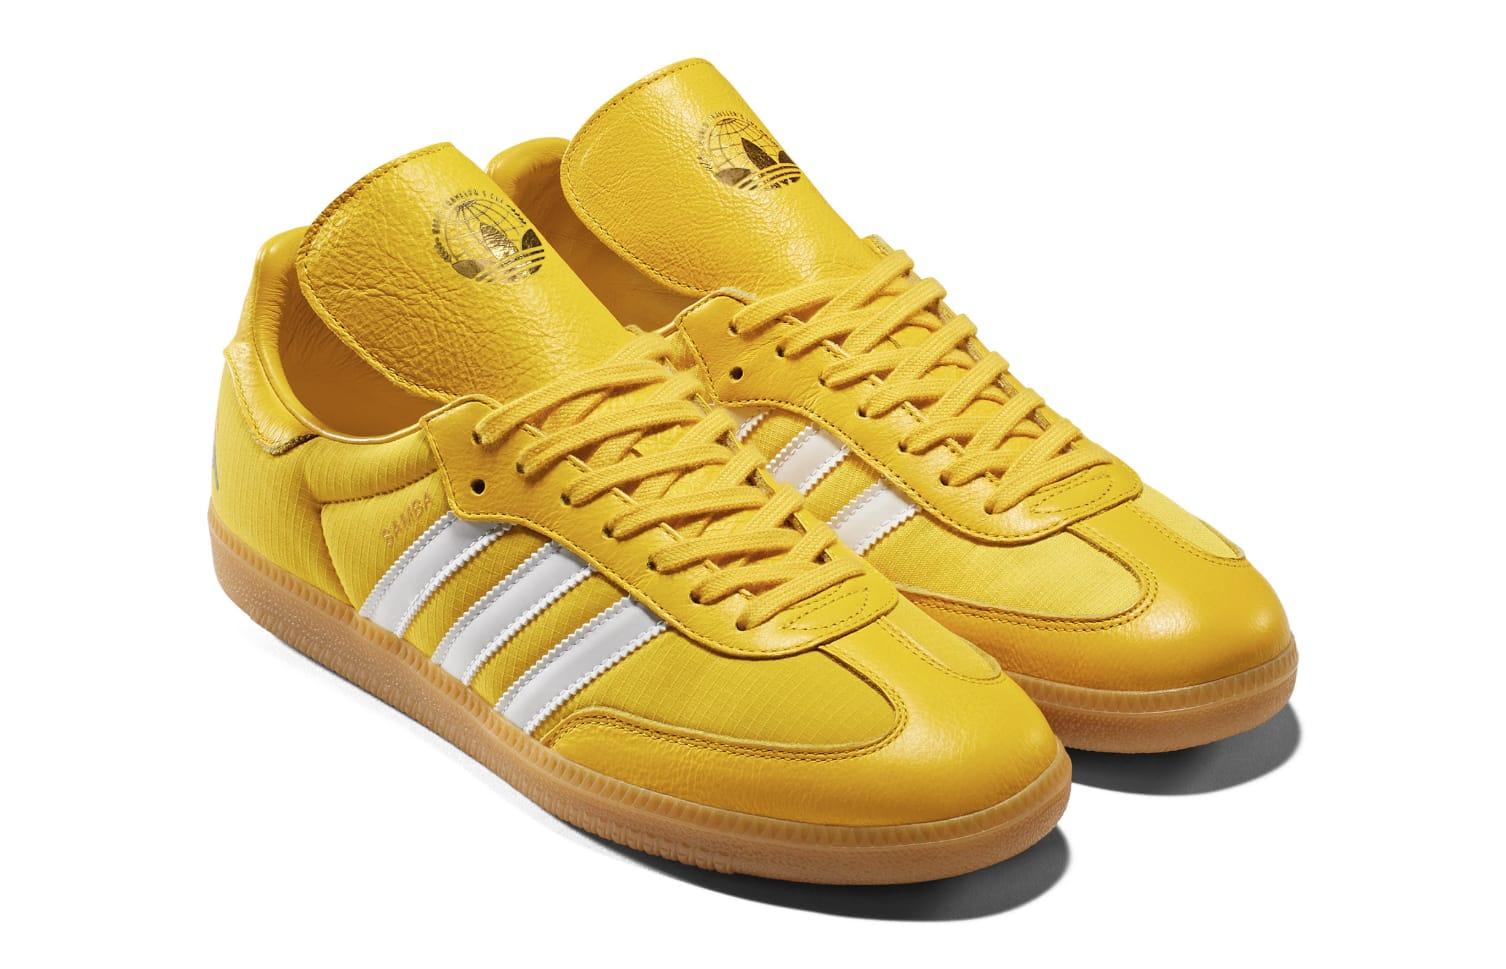 Oyster Holdings x Adidas Samba OG 'Yellow' G26699